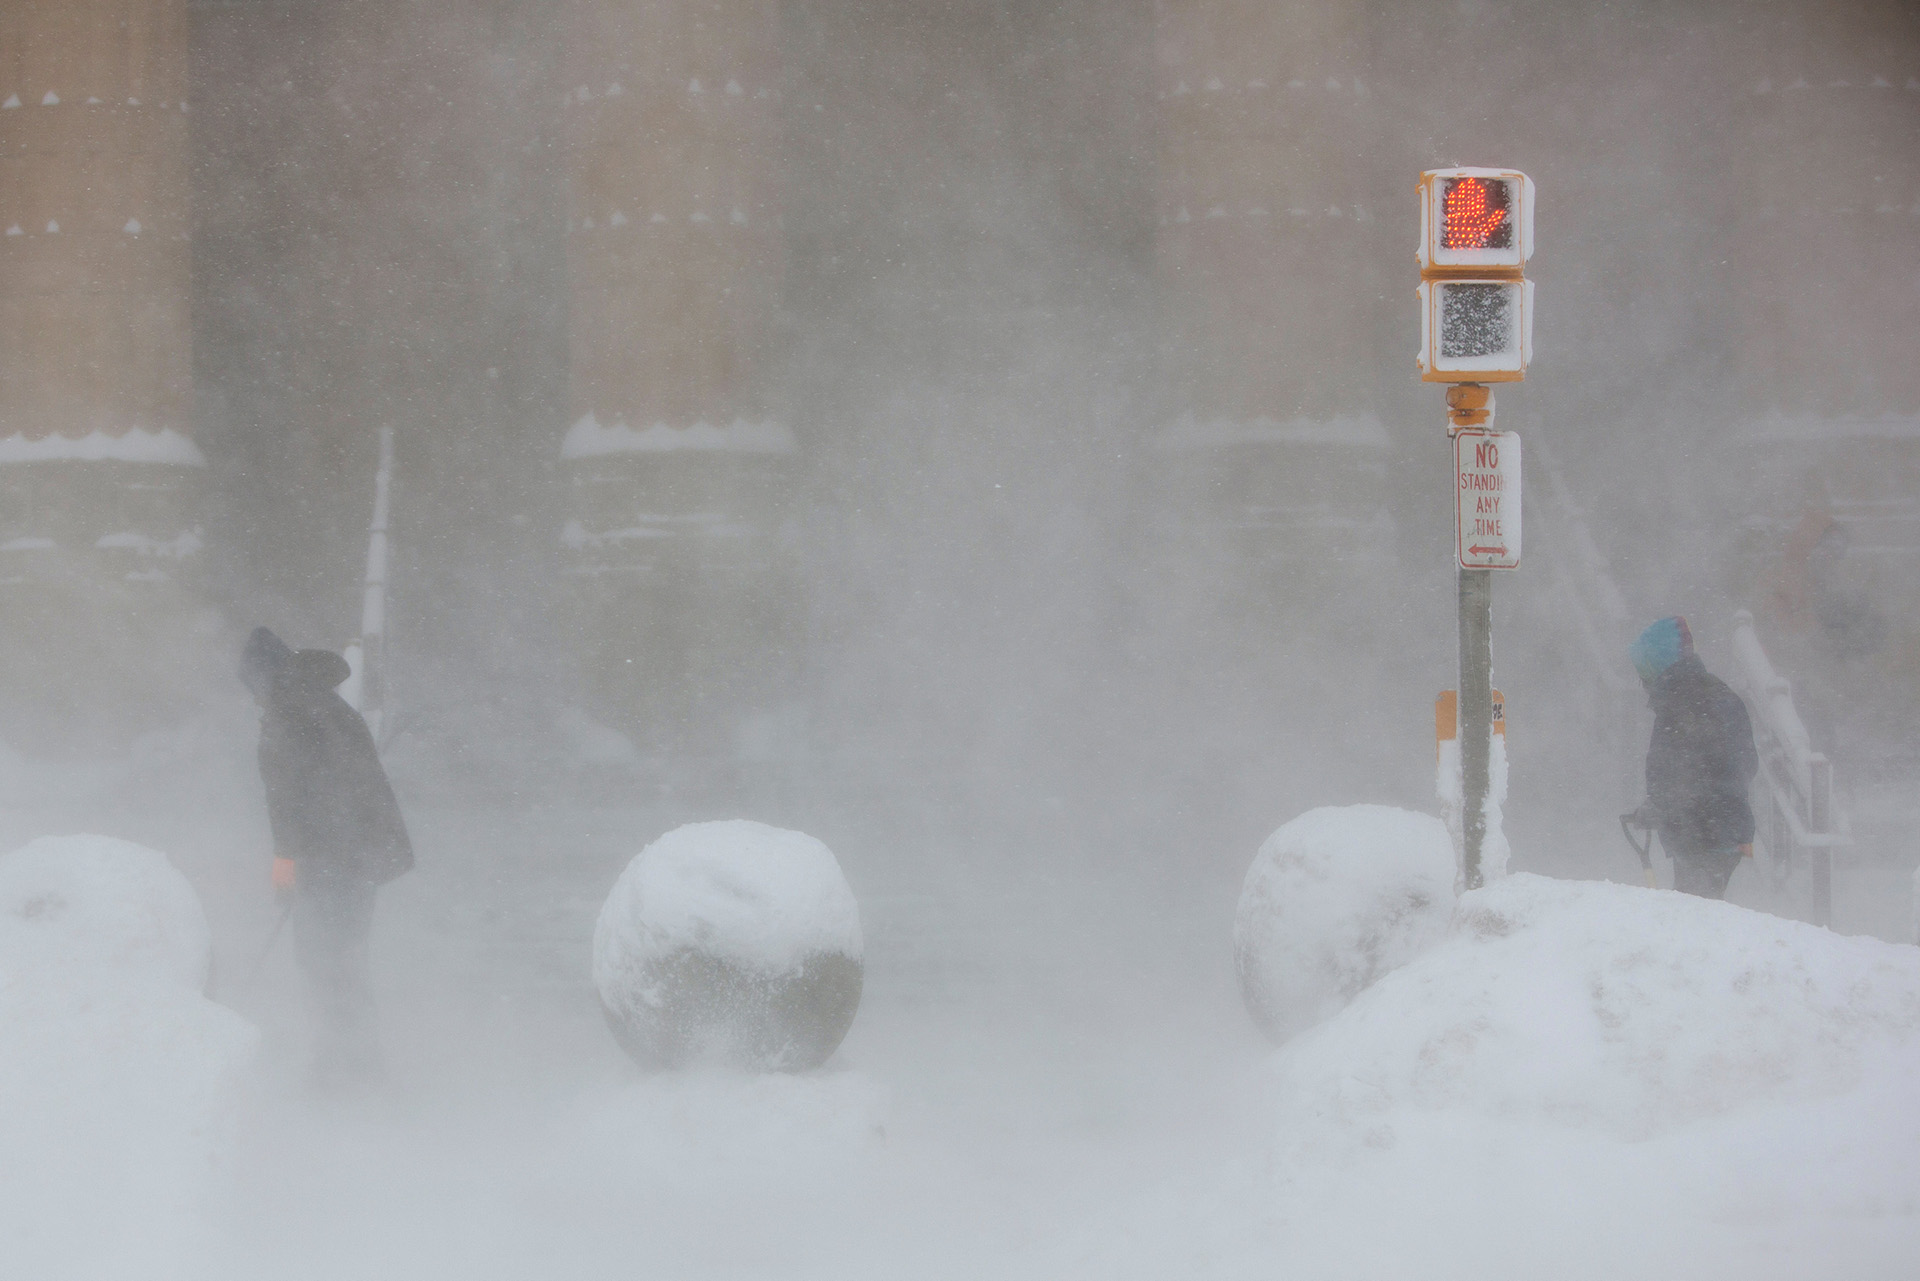 Trabajadores tratan de despejar la entrada al Ayuntamiento de Buffalo, en medio de una tormenta de nieve.